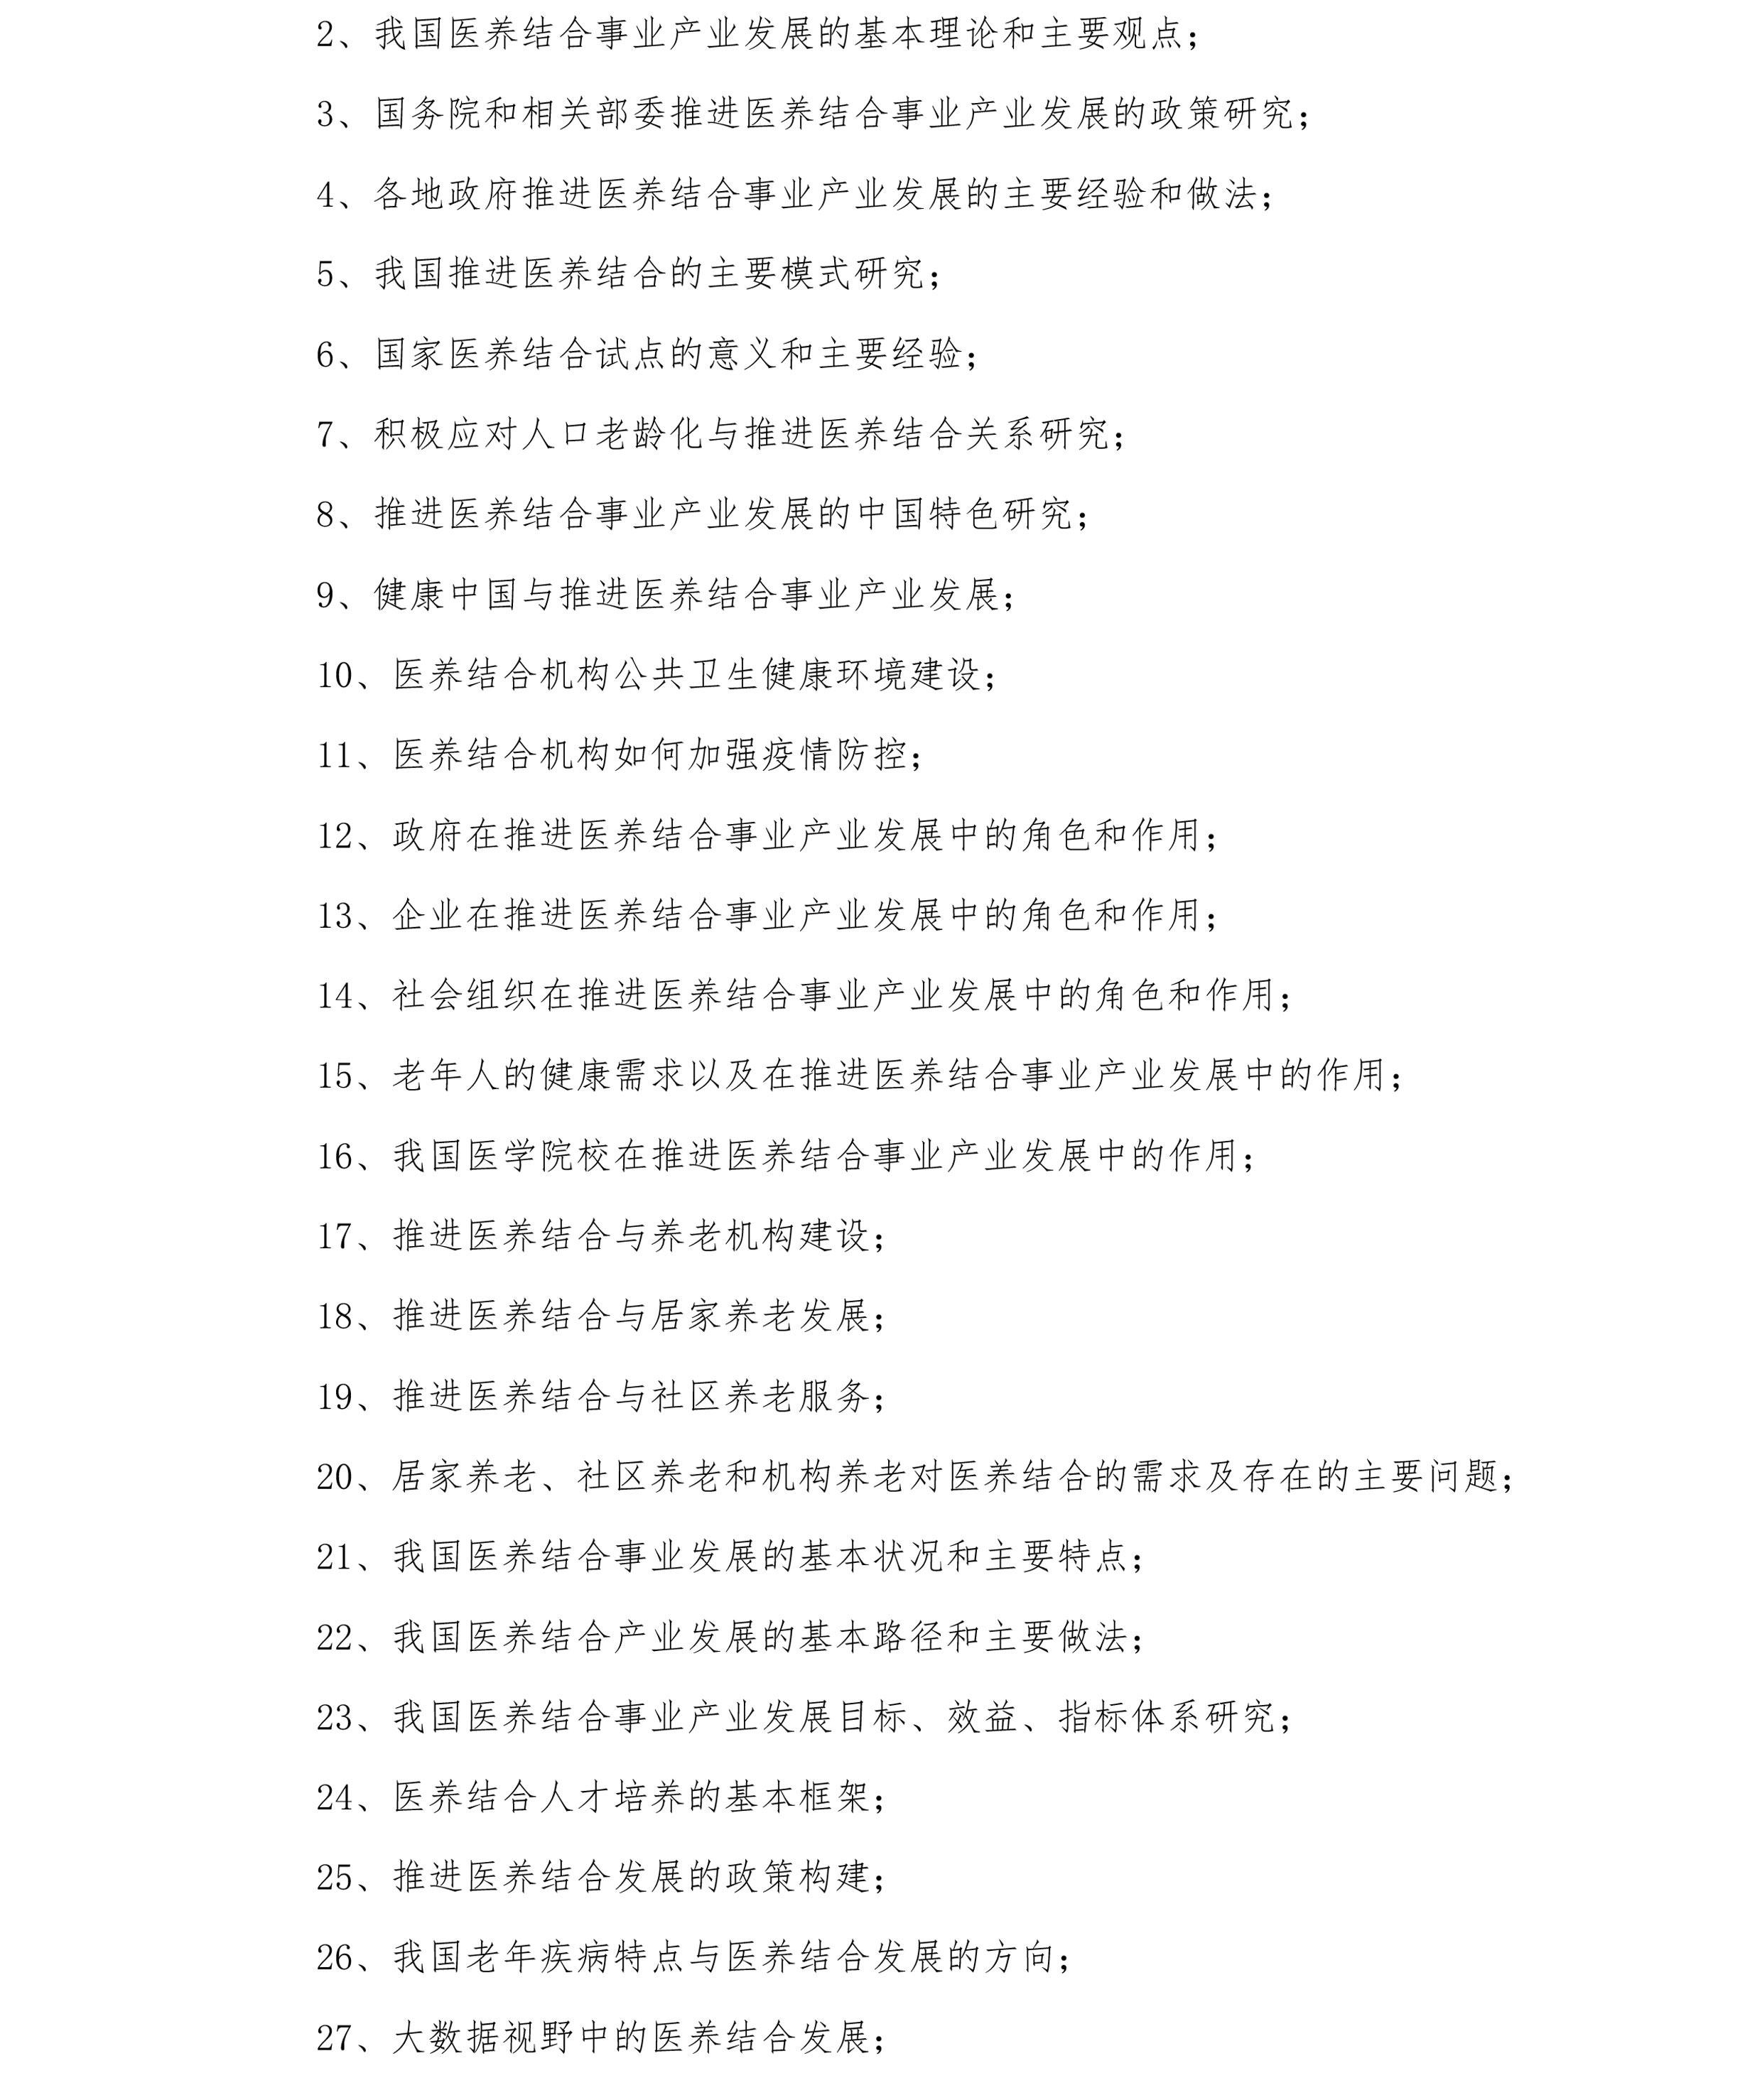 5号文件2.jpg